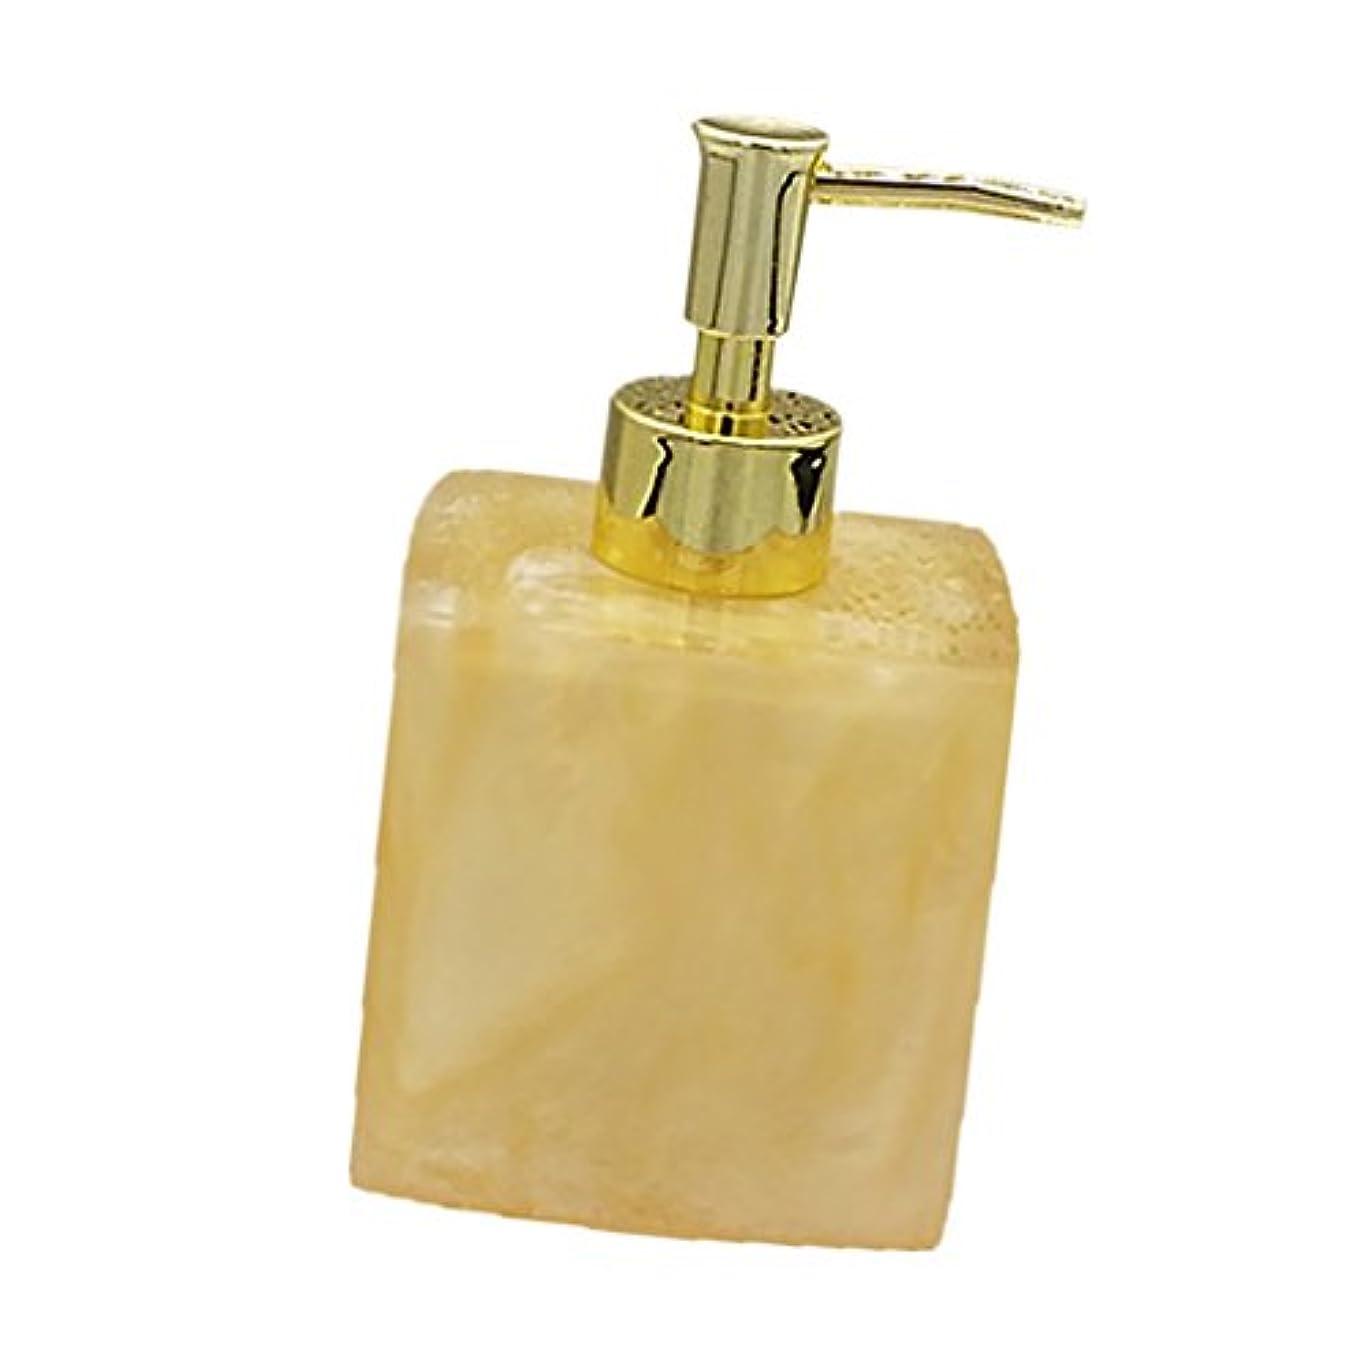 アルコール被る社会科(8.5 7.8 15cm, Yellow) - MonkeyJack Resin Soap Shampoo Dispenser Bath Liquid Body Lotion Pump Bottle/Jar VARIOUS...